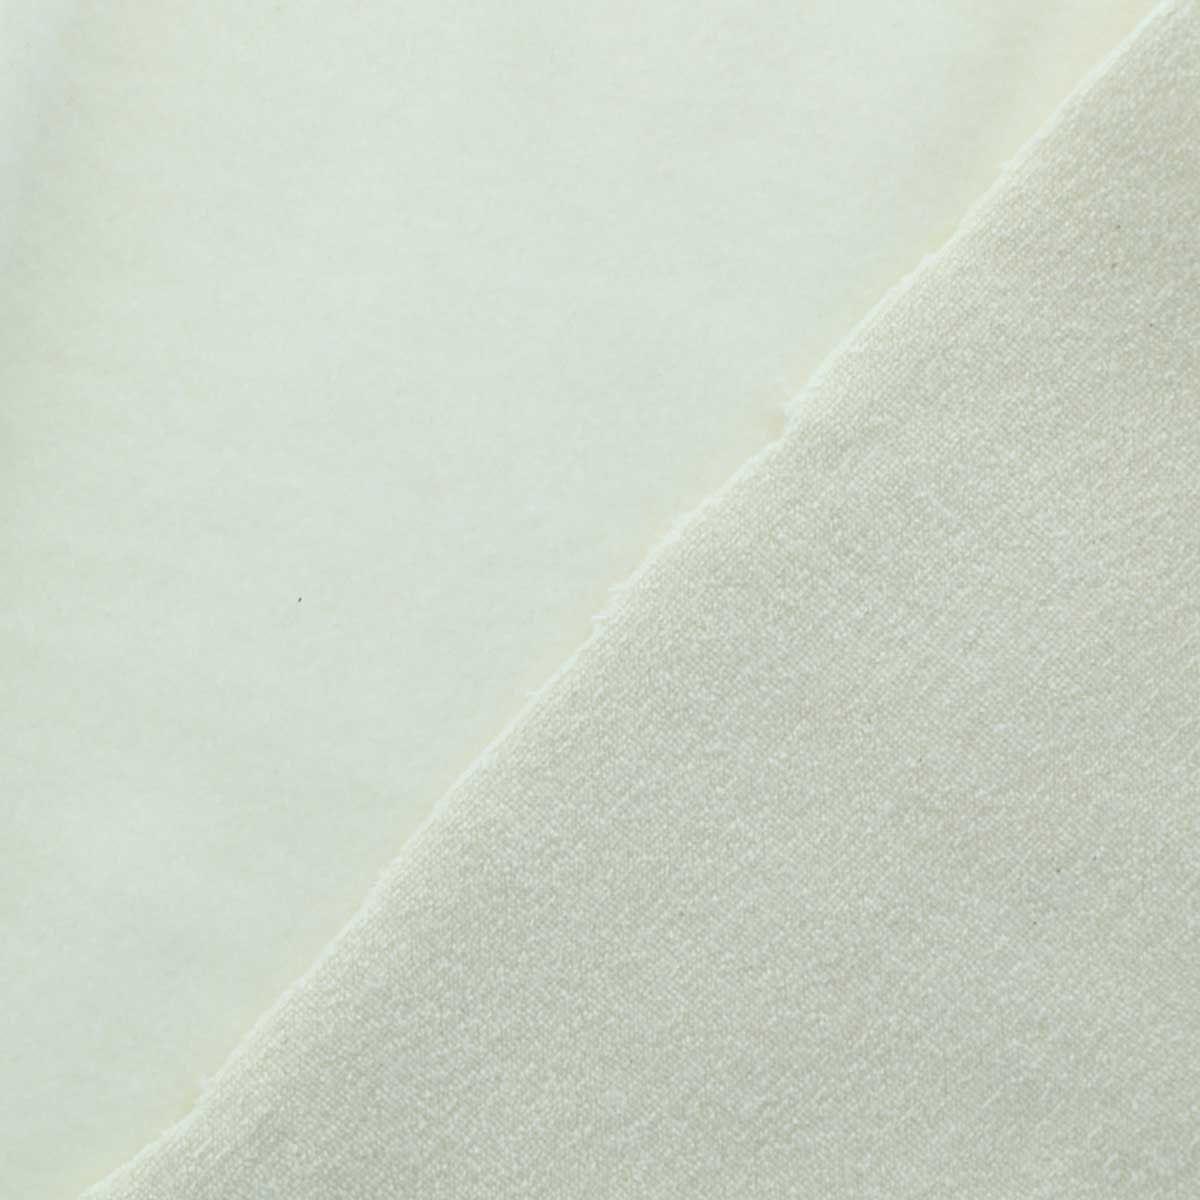 Tissu micro éponge coton bio double face - Eponge et molleton